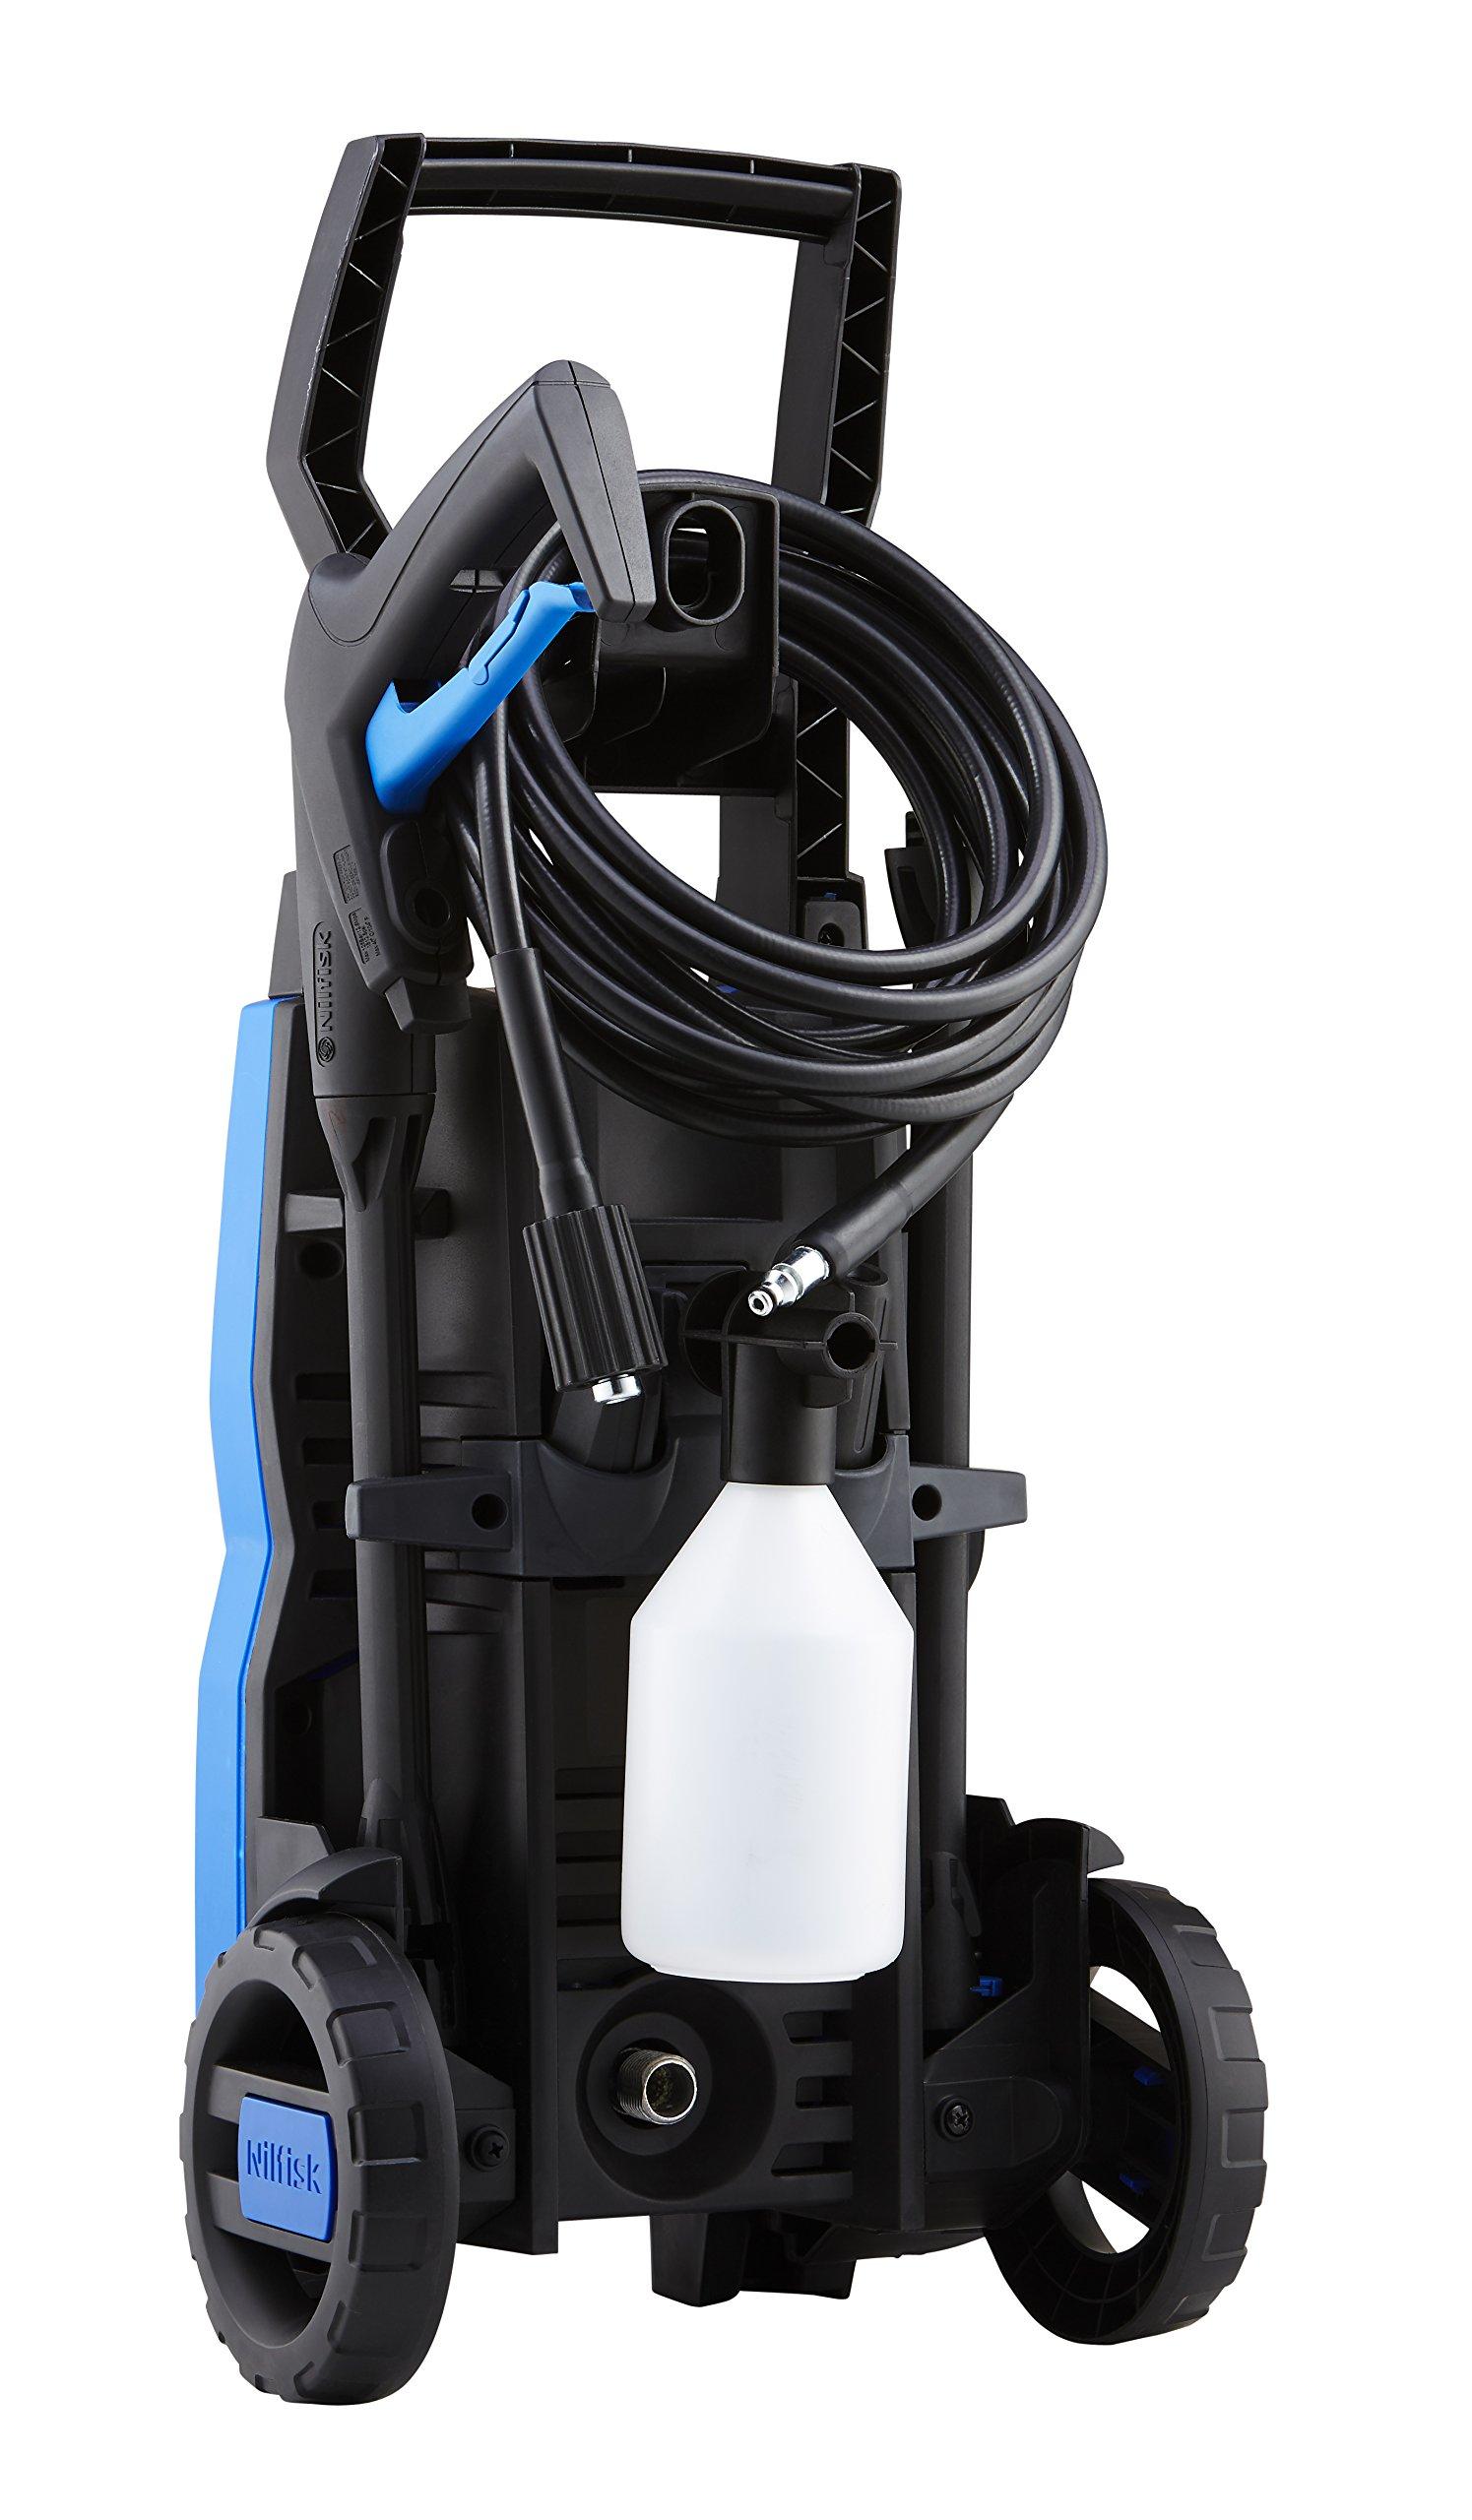 Nilfisk-C-110-bar-Hochdruckreiniger-inkl-Compact-Patio-Flchenreiniger-und-Rohrreinigungs-Set